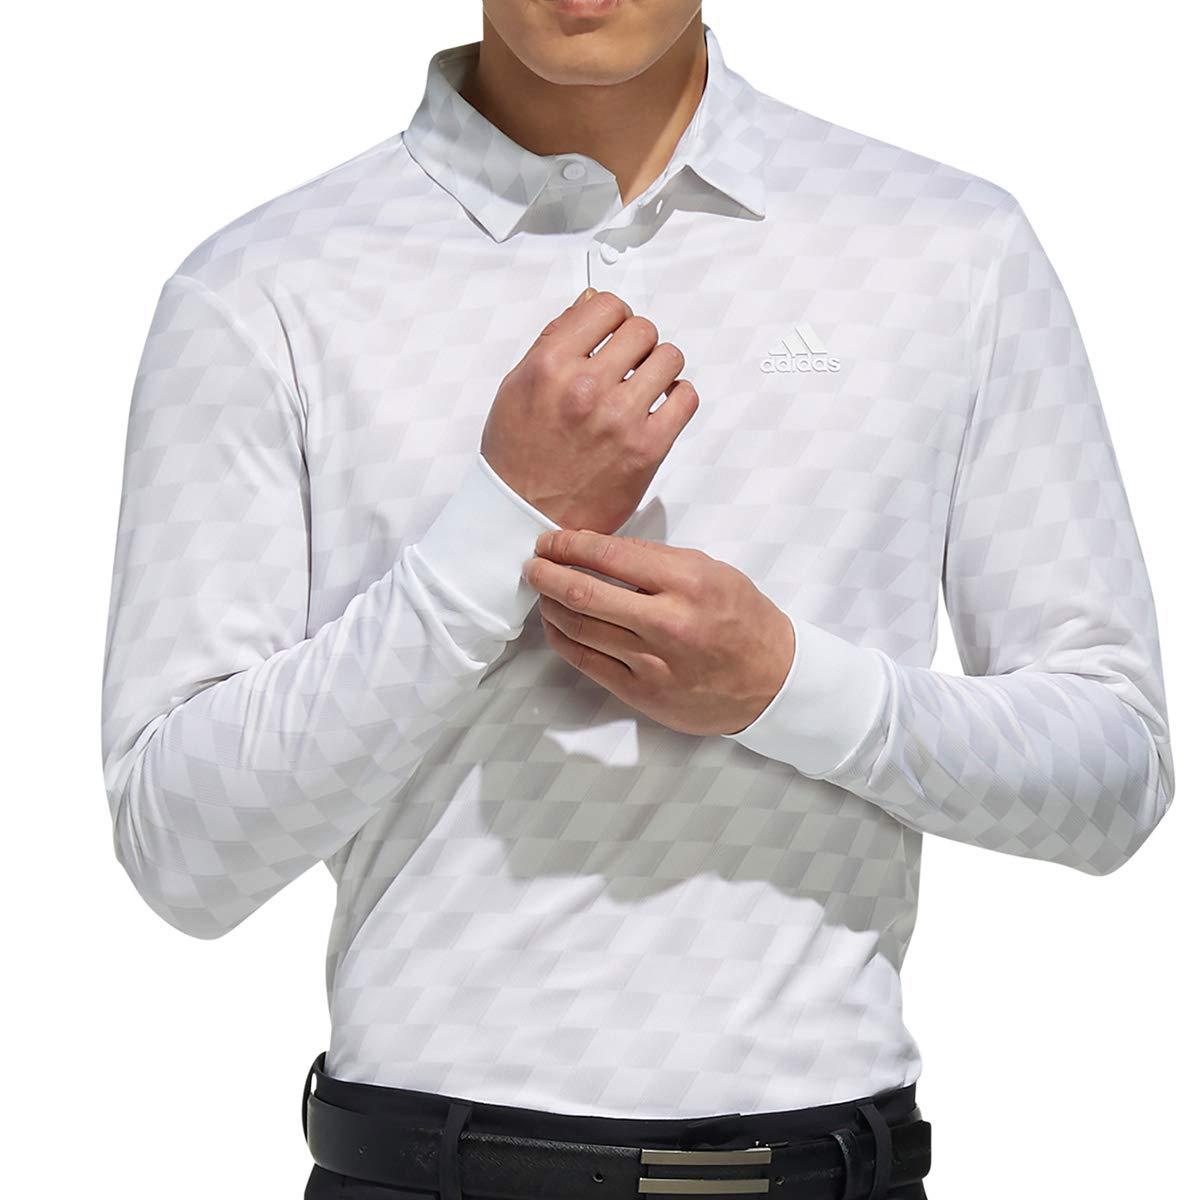 [アディダスゴルフ] チェックプリント 長袖シャツ メンズ FYO94 ホワイト 日本 S (日本サイズS相当)